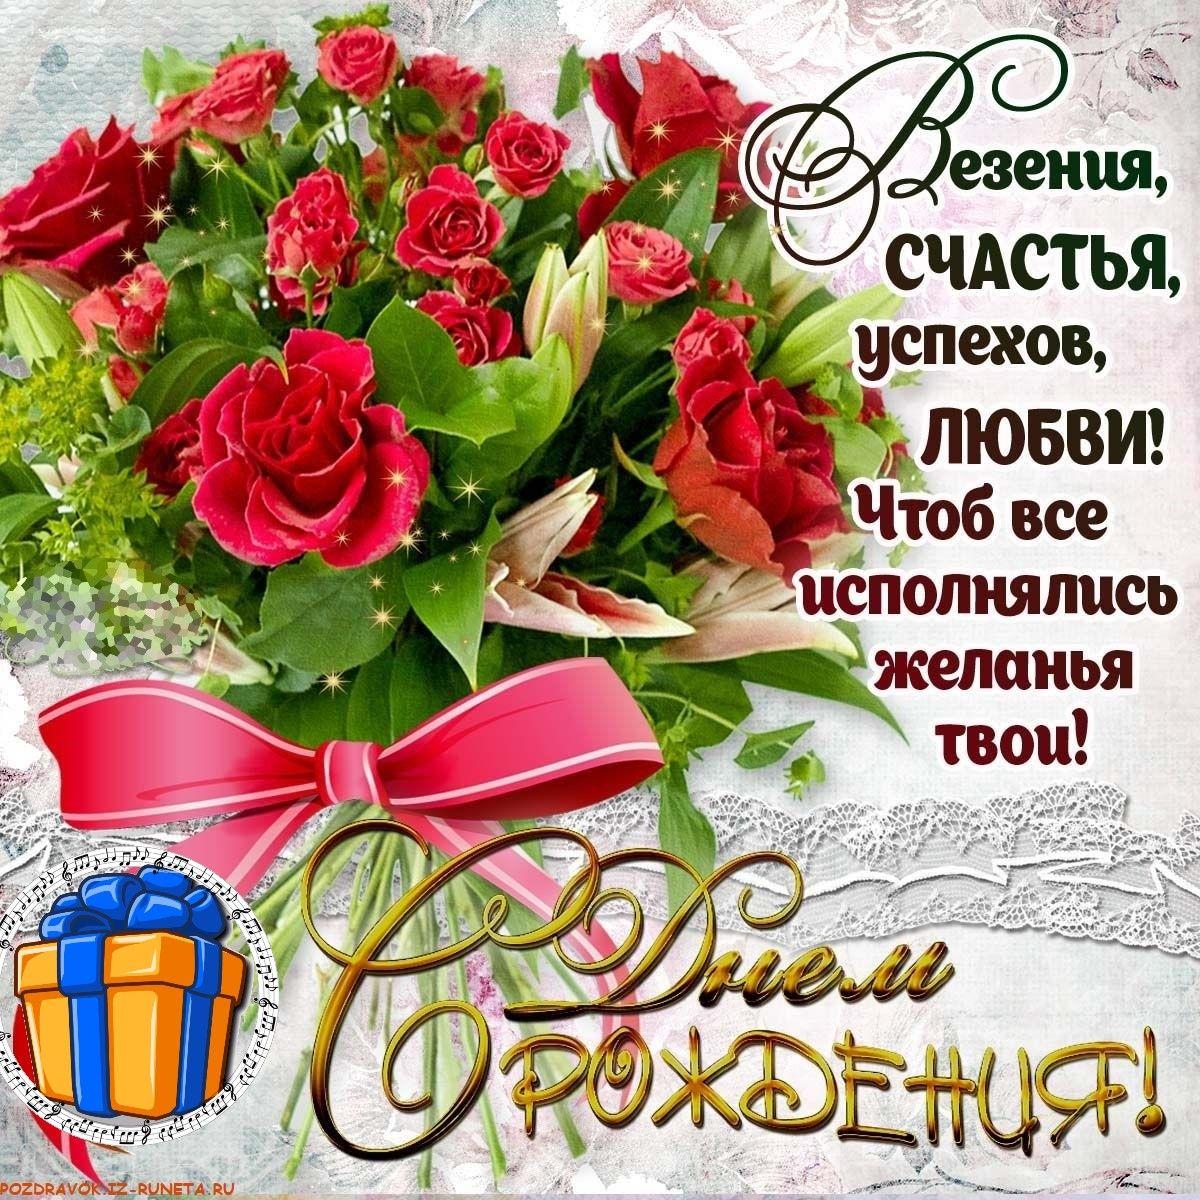 Поздравления с днем рождения и желаю чтоб любовь